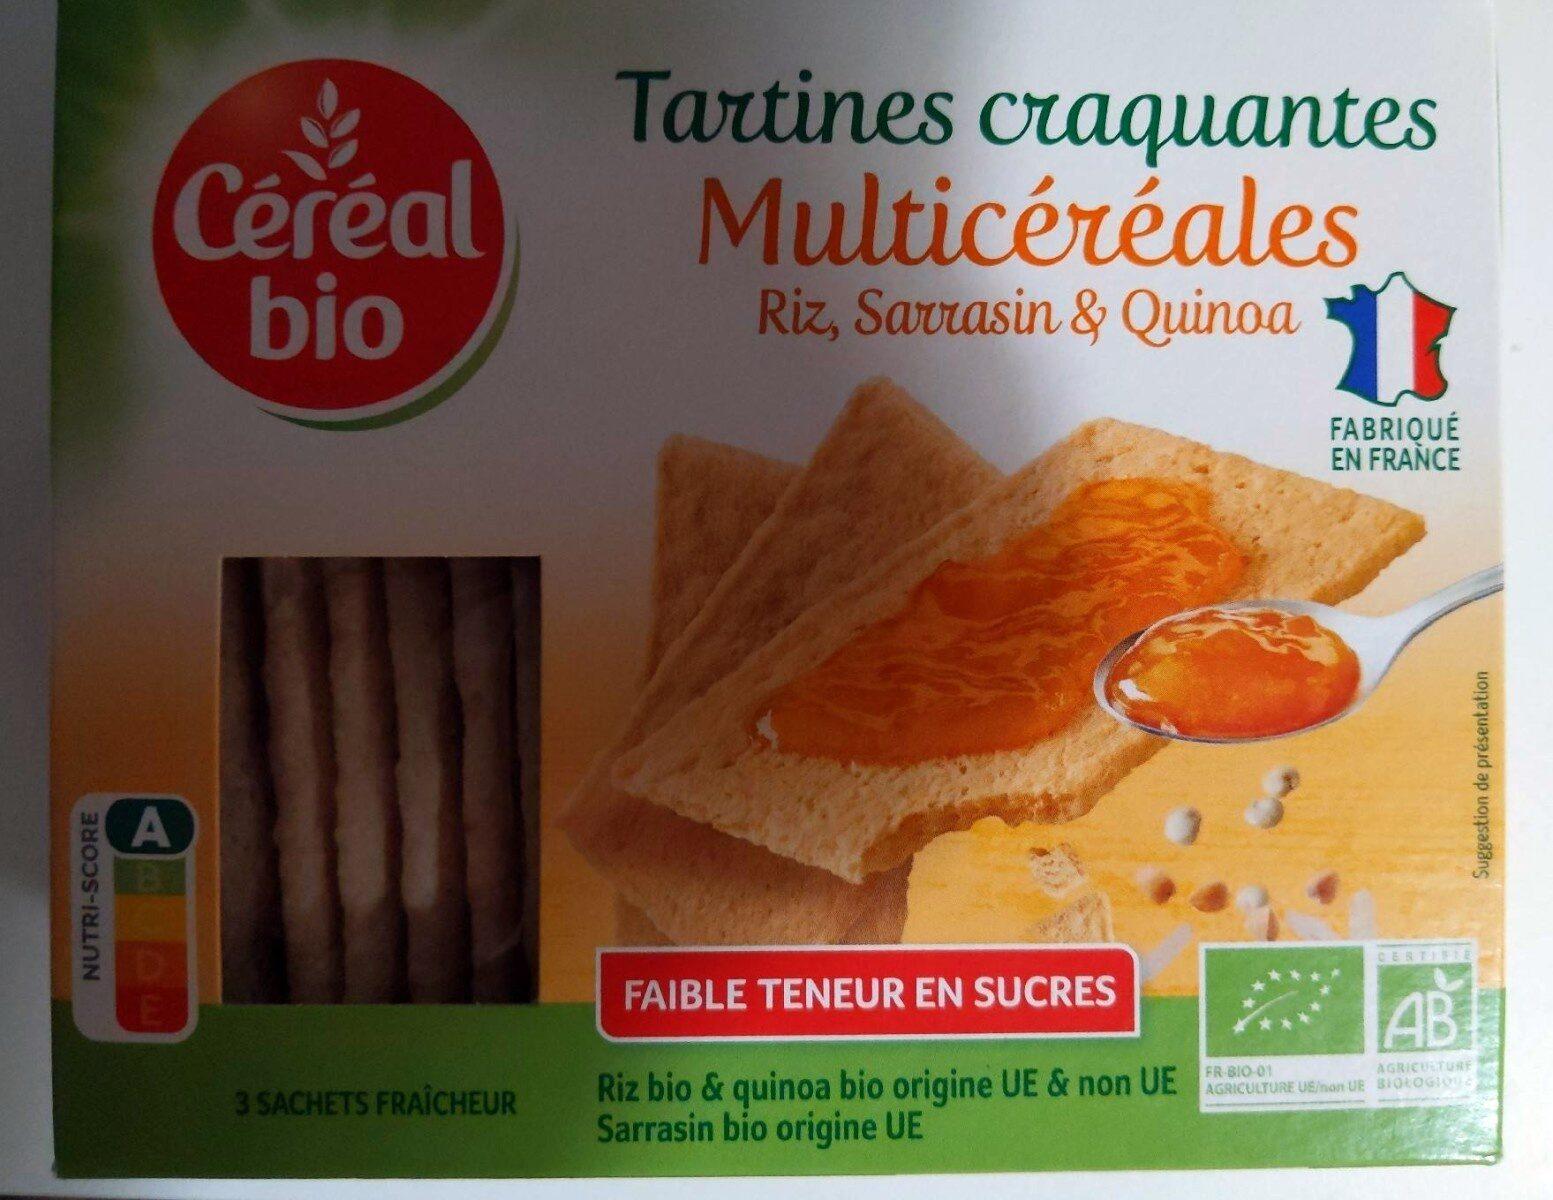 Tartines Craquantes Multicéréales - Riz, Sarrasin & Quinoa - Prodotto - fr